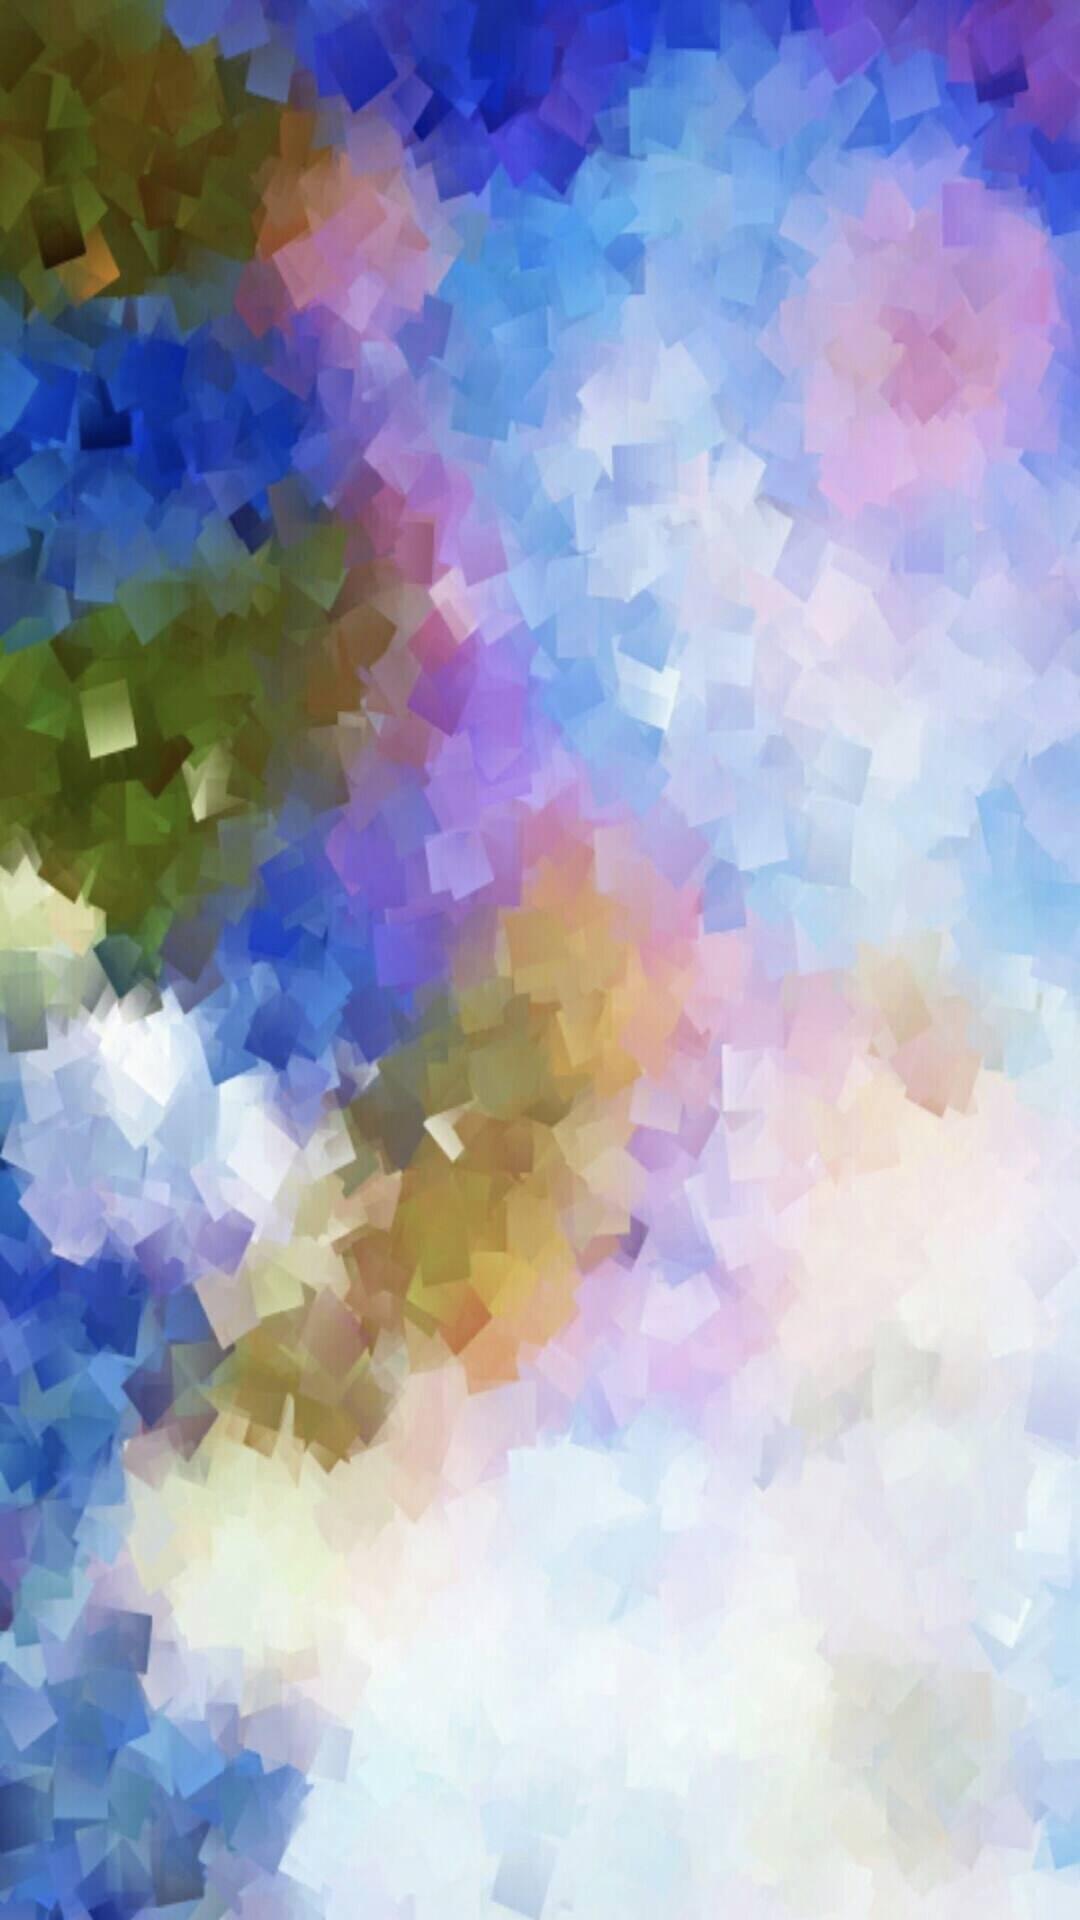 A Hydrangea Flower Wallpaper Sc Iphone6splus